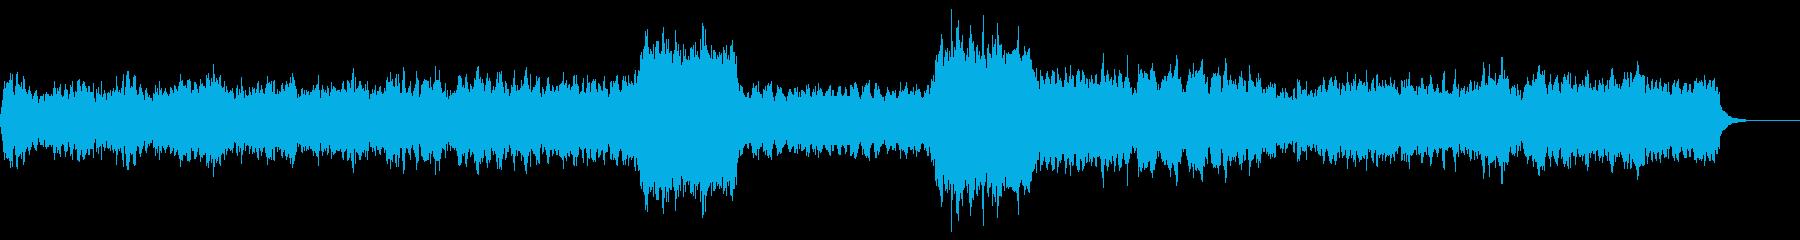 生命力にあふれたCM/海/オーケストラの再生済みの波形